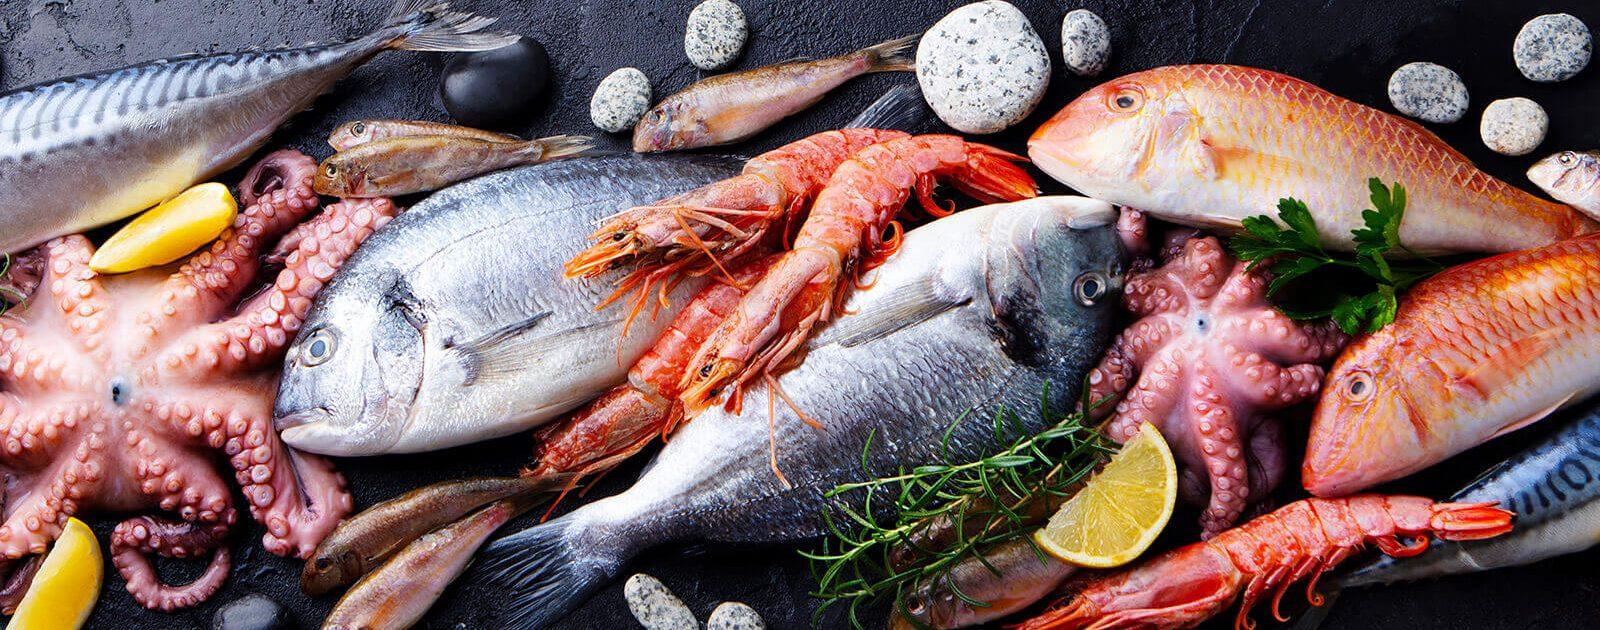 Fische und Meerestiere können eine Fischvergiftung auslösen, wenn sie verdorben oder giftig sind.